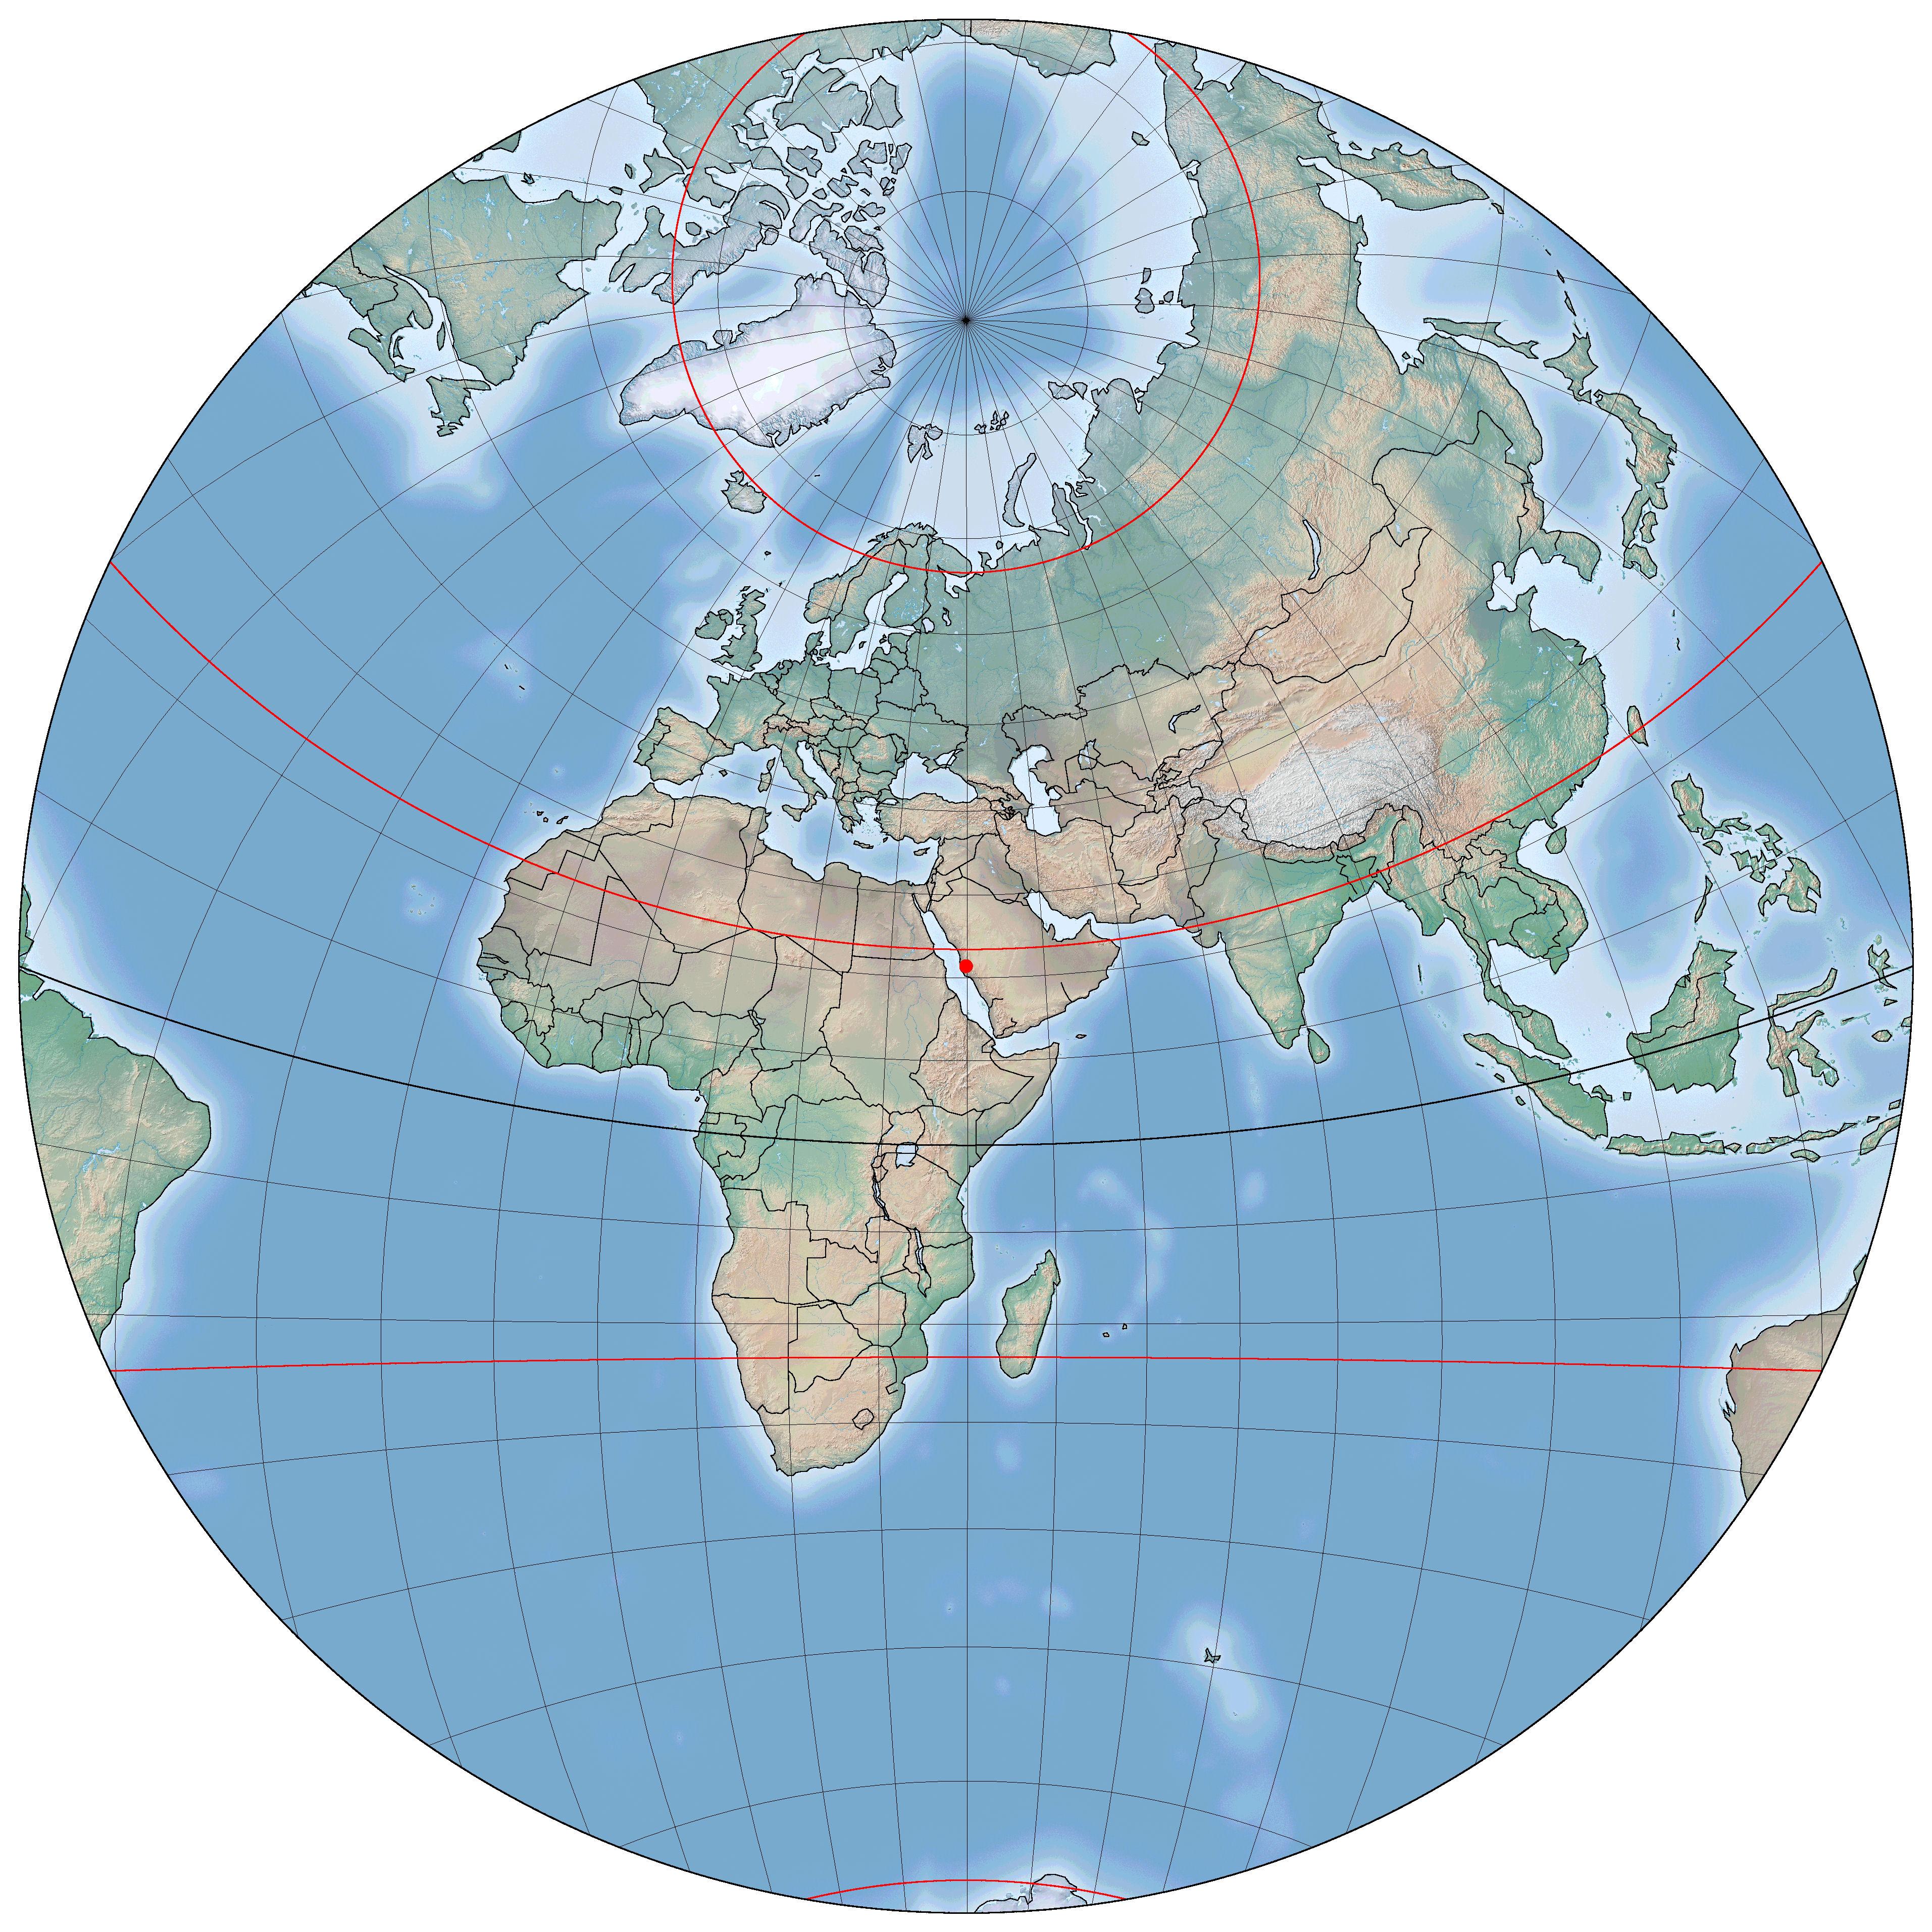 Di sini kita bisa lihat wilayah mana saja yang bisa mengoreksi kiblat saat Matahari di atas Ka'bah. Sumber: www.staff.science.uu.nl/~gent0113/islam/qibla.htm